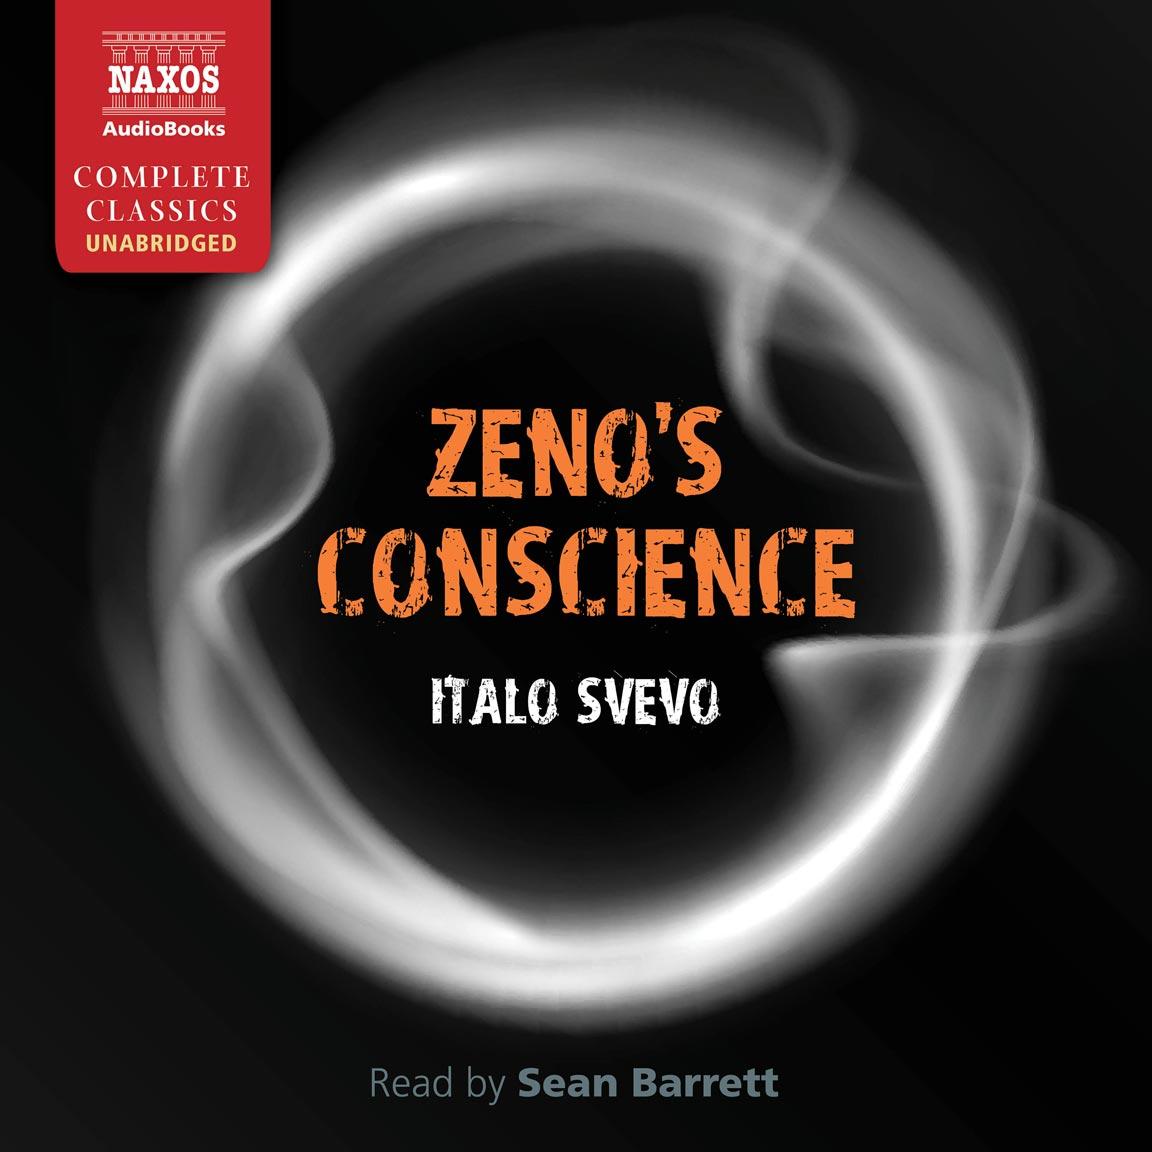 Zeno's Conscience (unabridged)